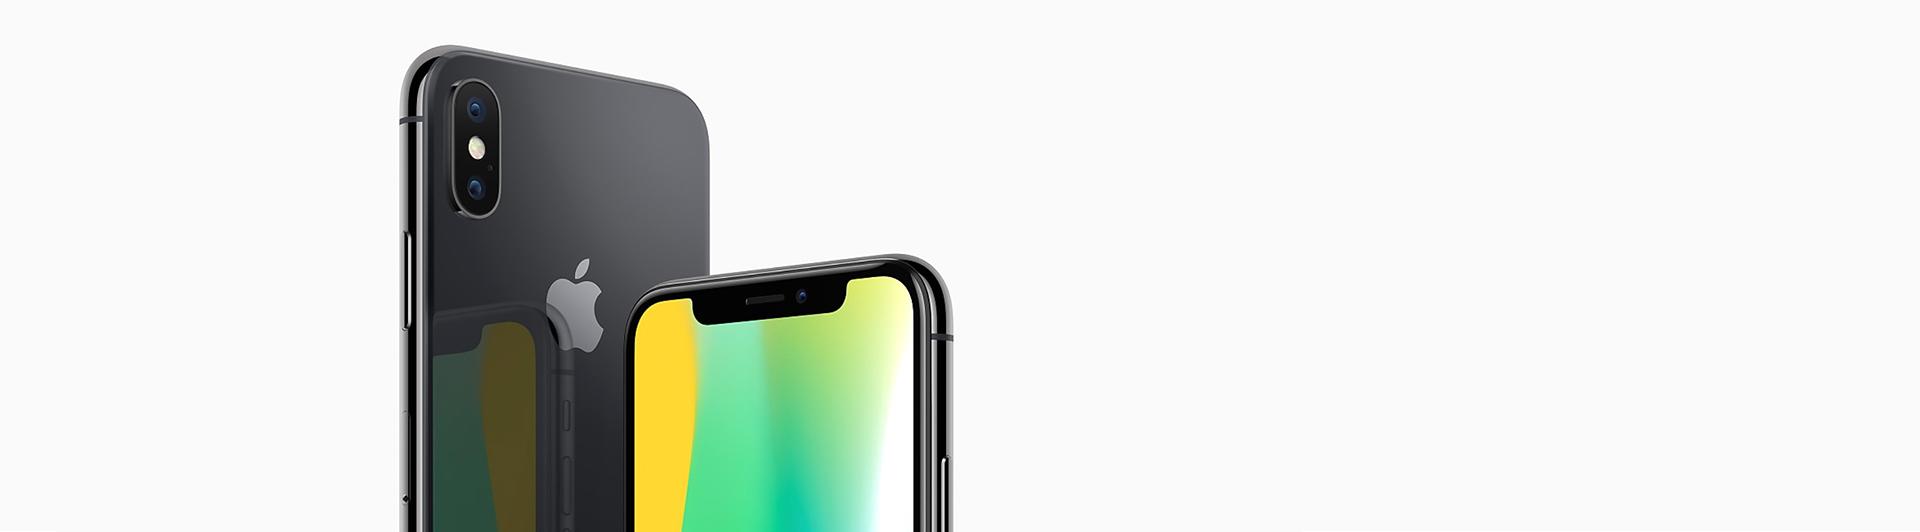 Điện thoại di động iPhone X 256GB Silver công nghệ sạc nhanh không dây hiện đại